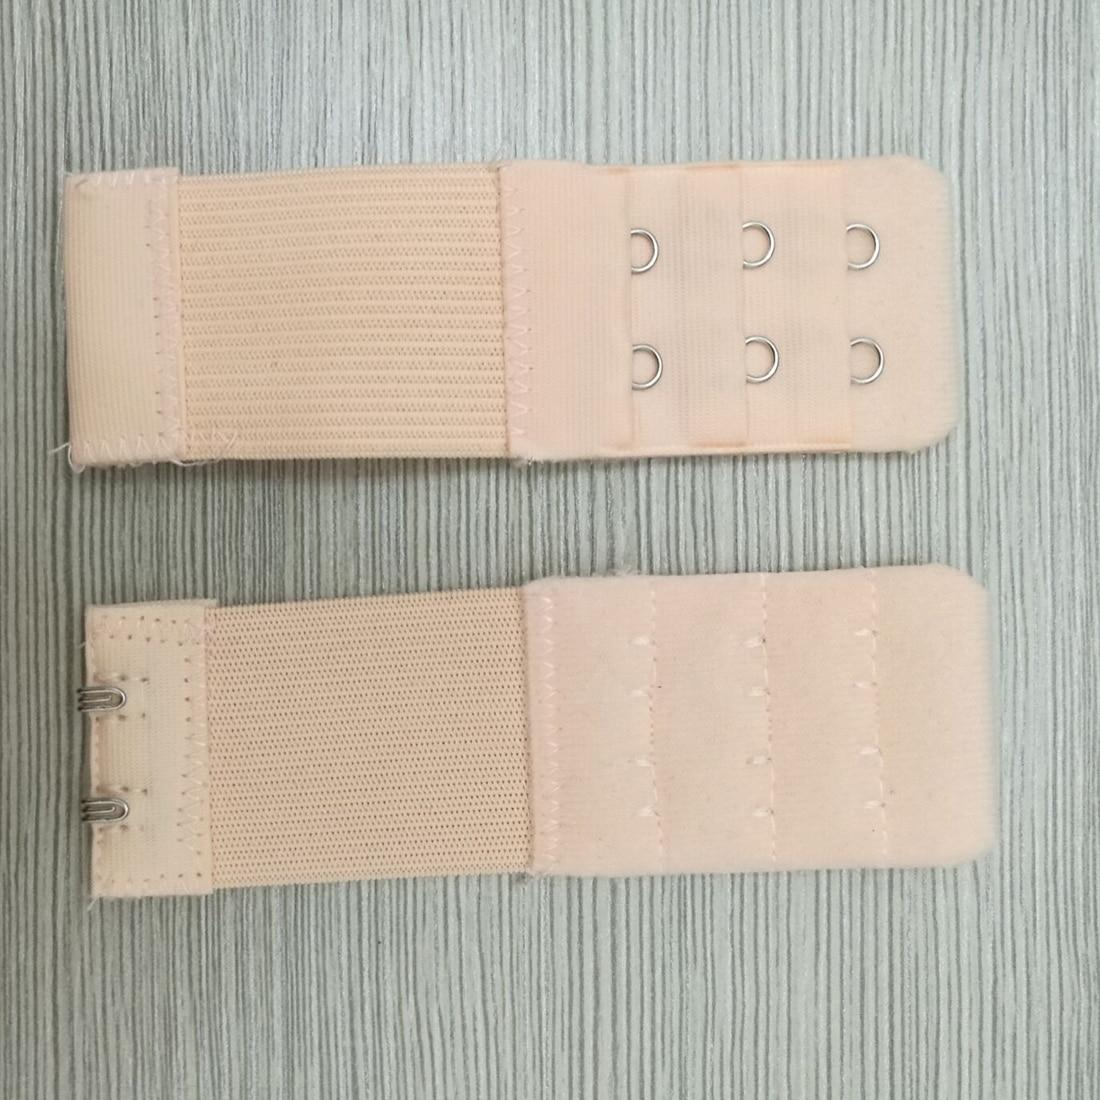 4Pcs Bra Extender 2 Hook Ladies Soft Bra Extension Strap Underwear Strapless Adjustable Belt Buckle Underwear